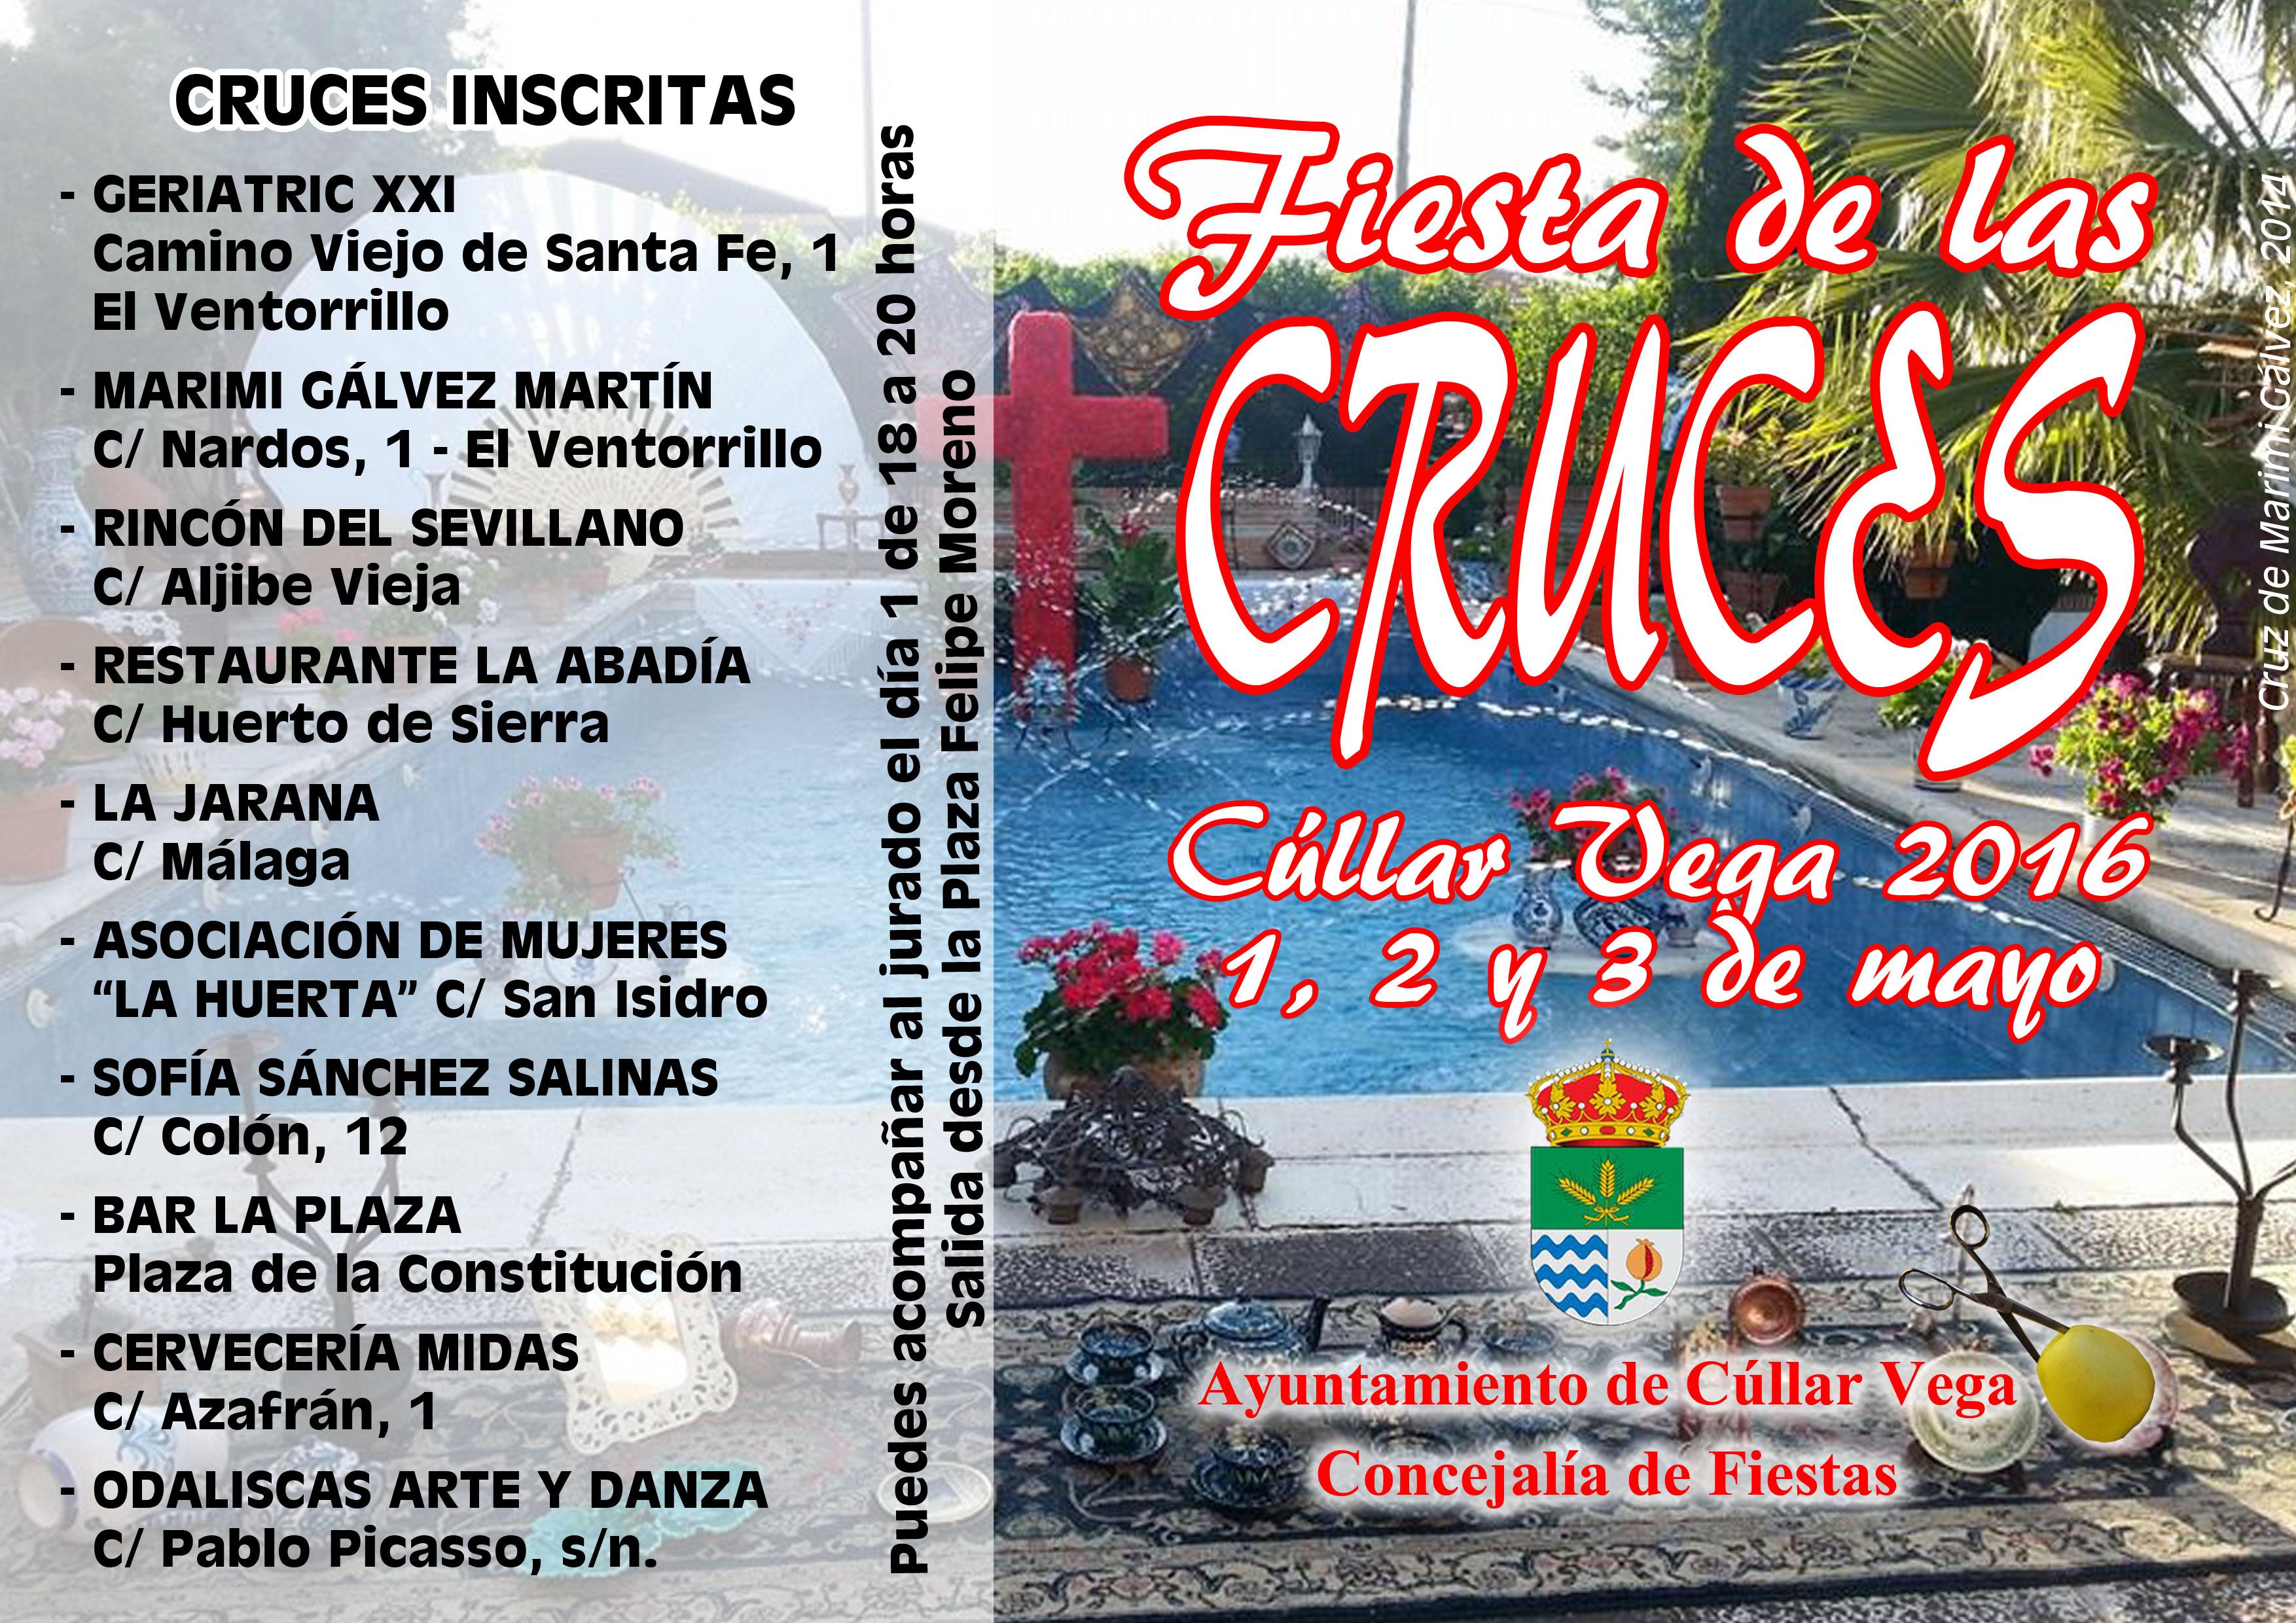 Cruces premiadas en el concurso de Cruces de Mayo 2016